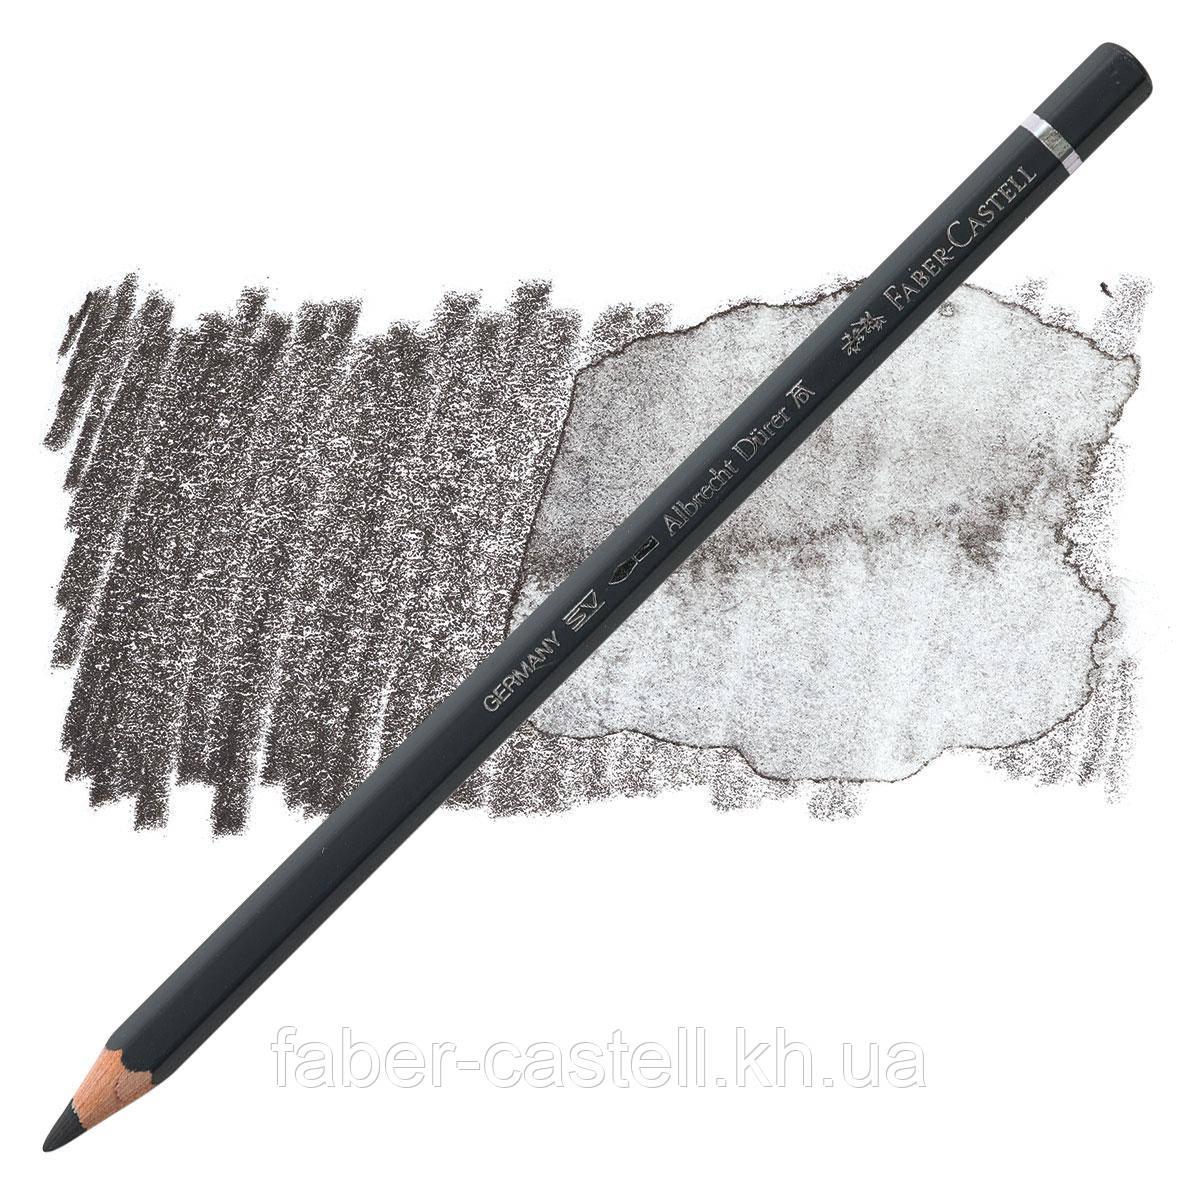 Олівець акварельний кольоровий Faber-Castell Albrecht Дюрера холодний сірий VI (Cold Gray VI) №235, 117735